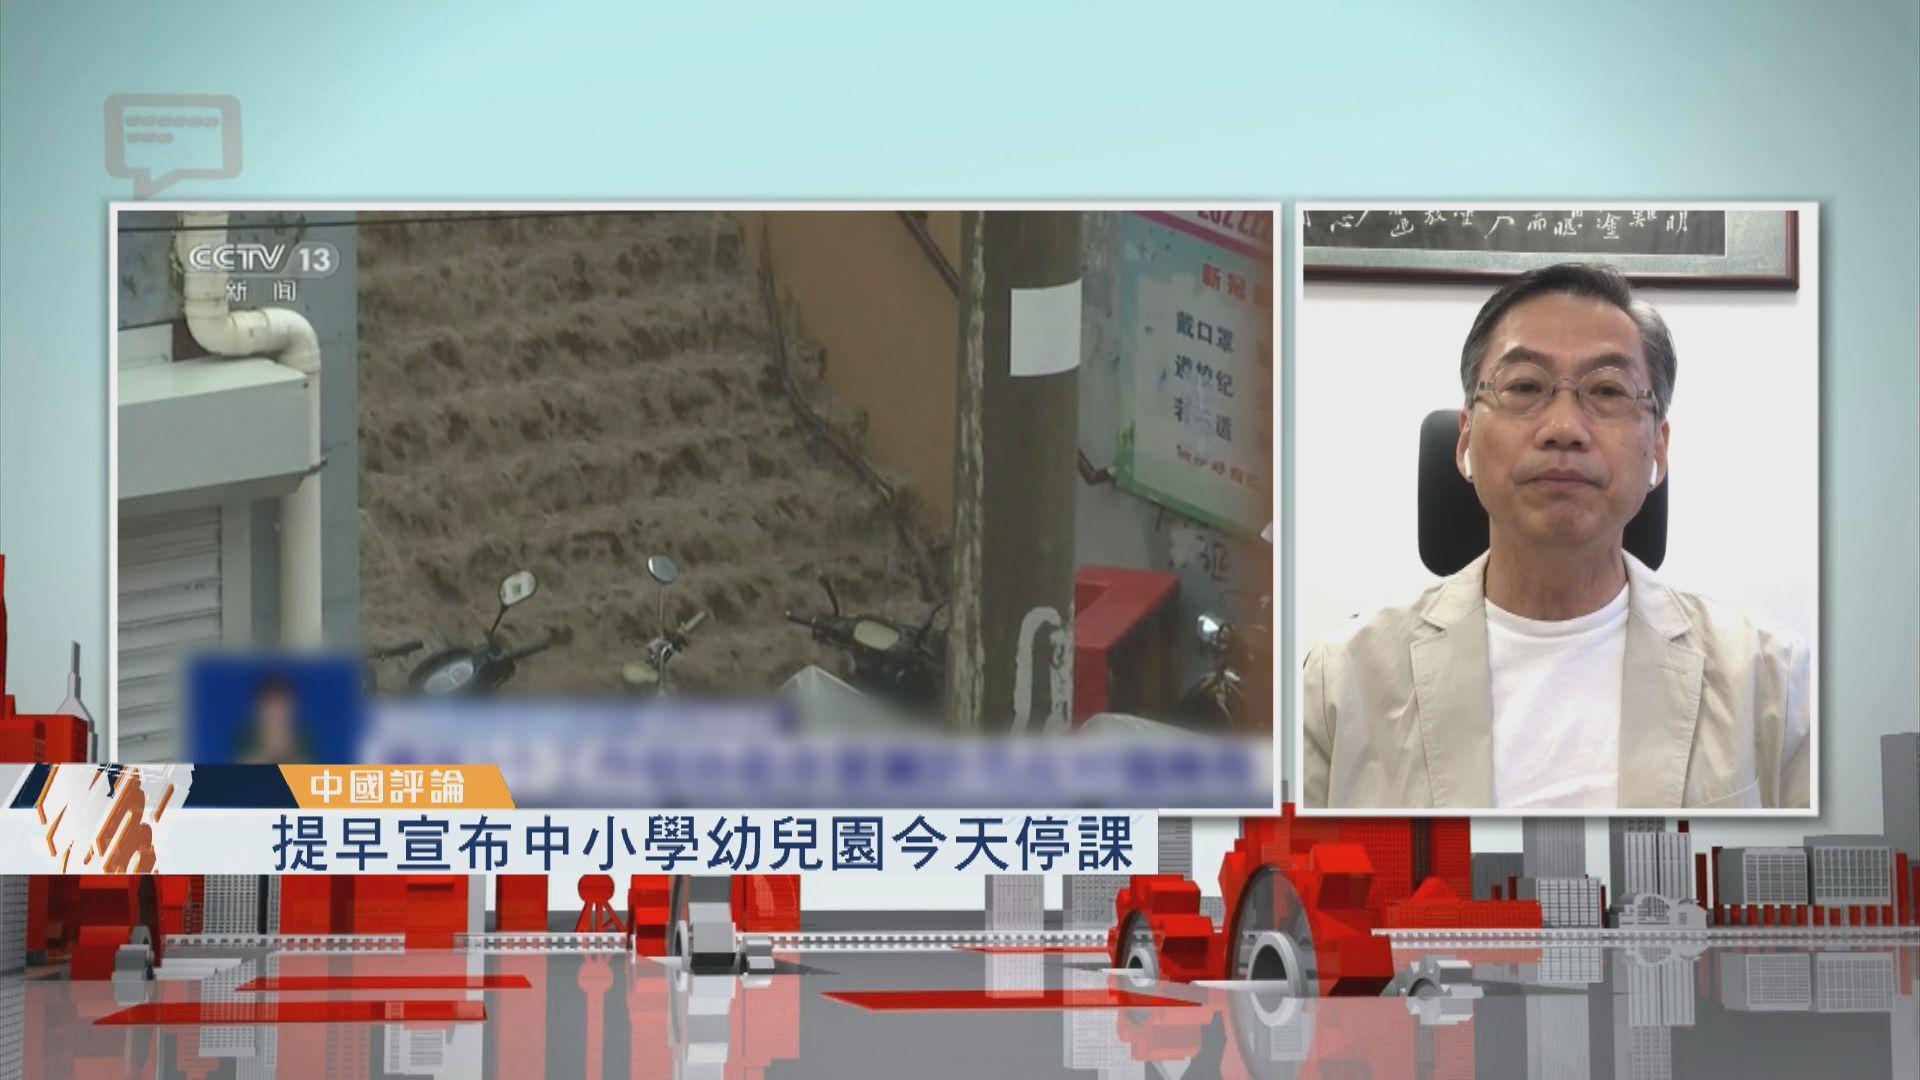 【中國評論】北京暴雨/深圳試行暑期托管服務